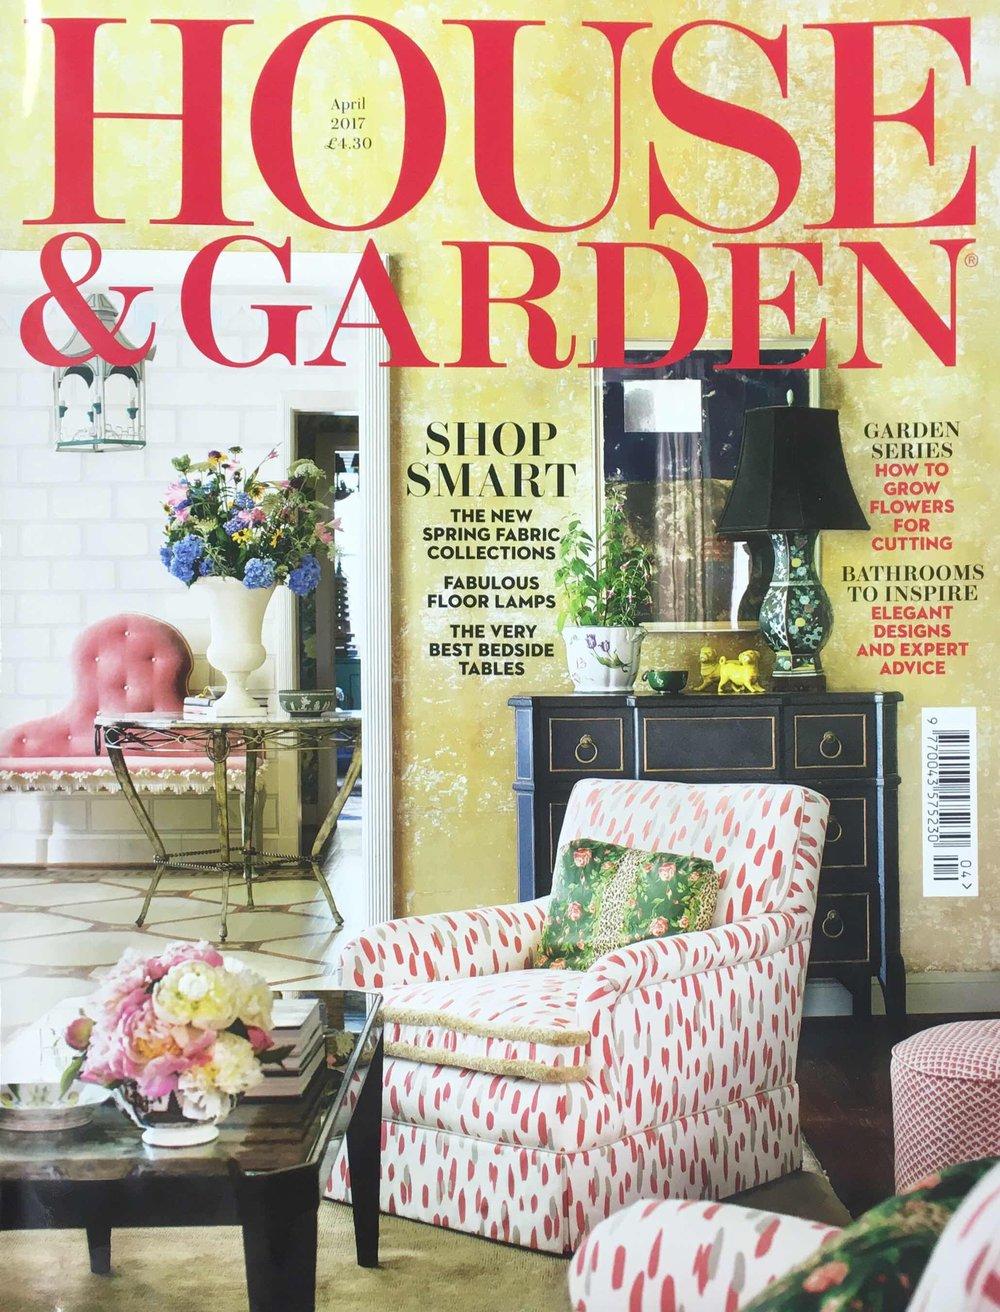 House & Garden, April 2017